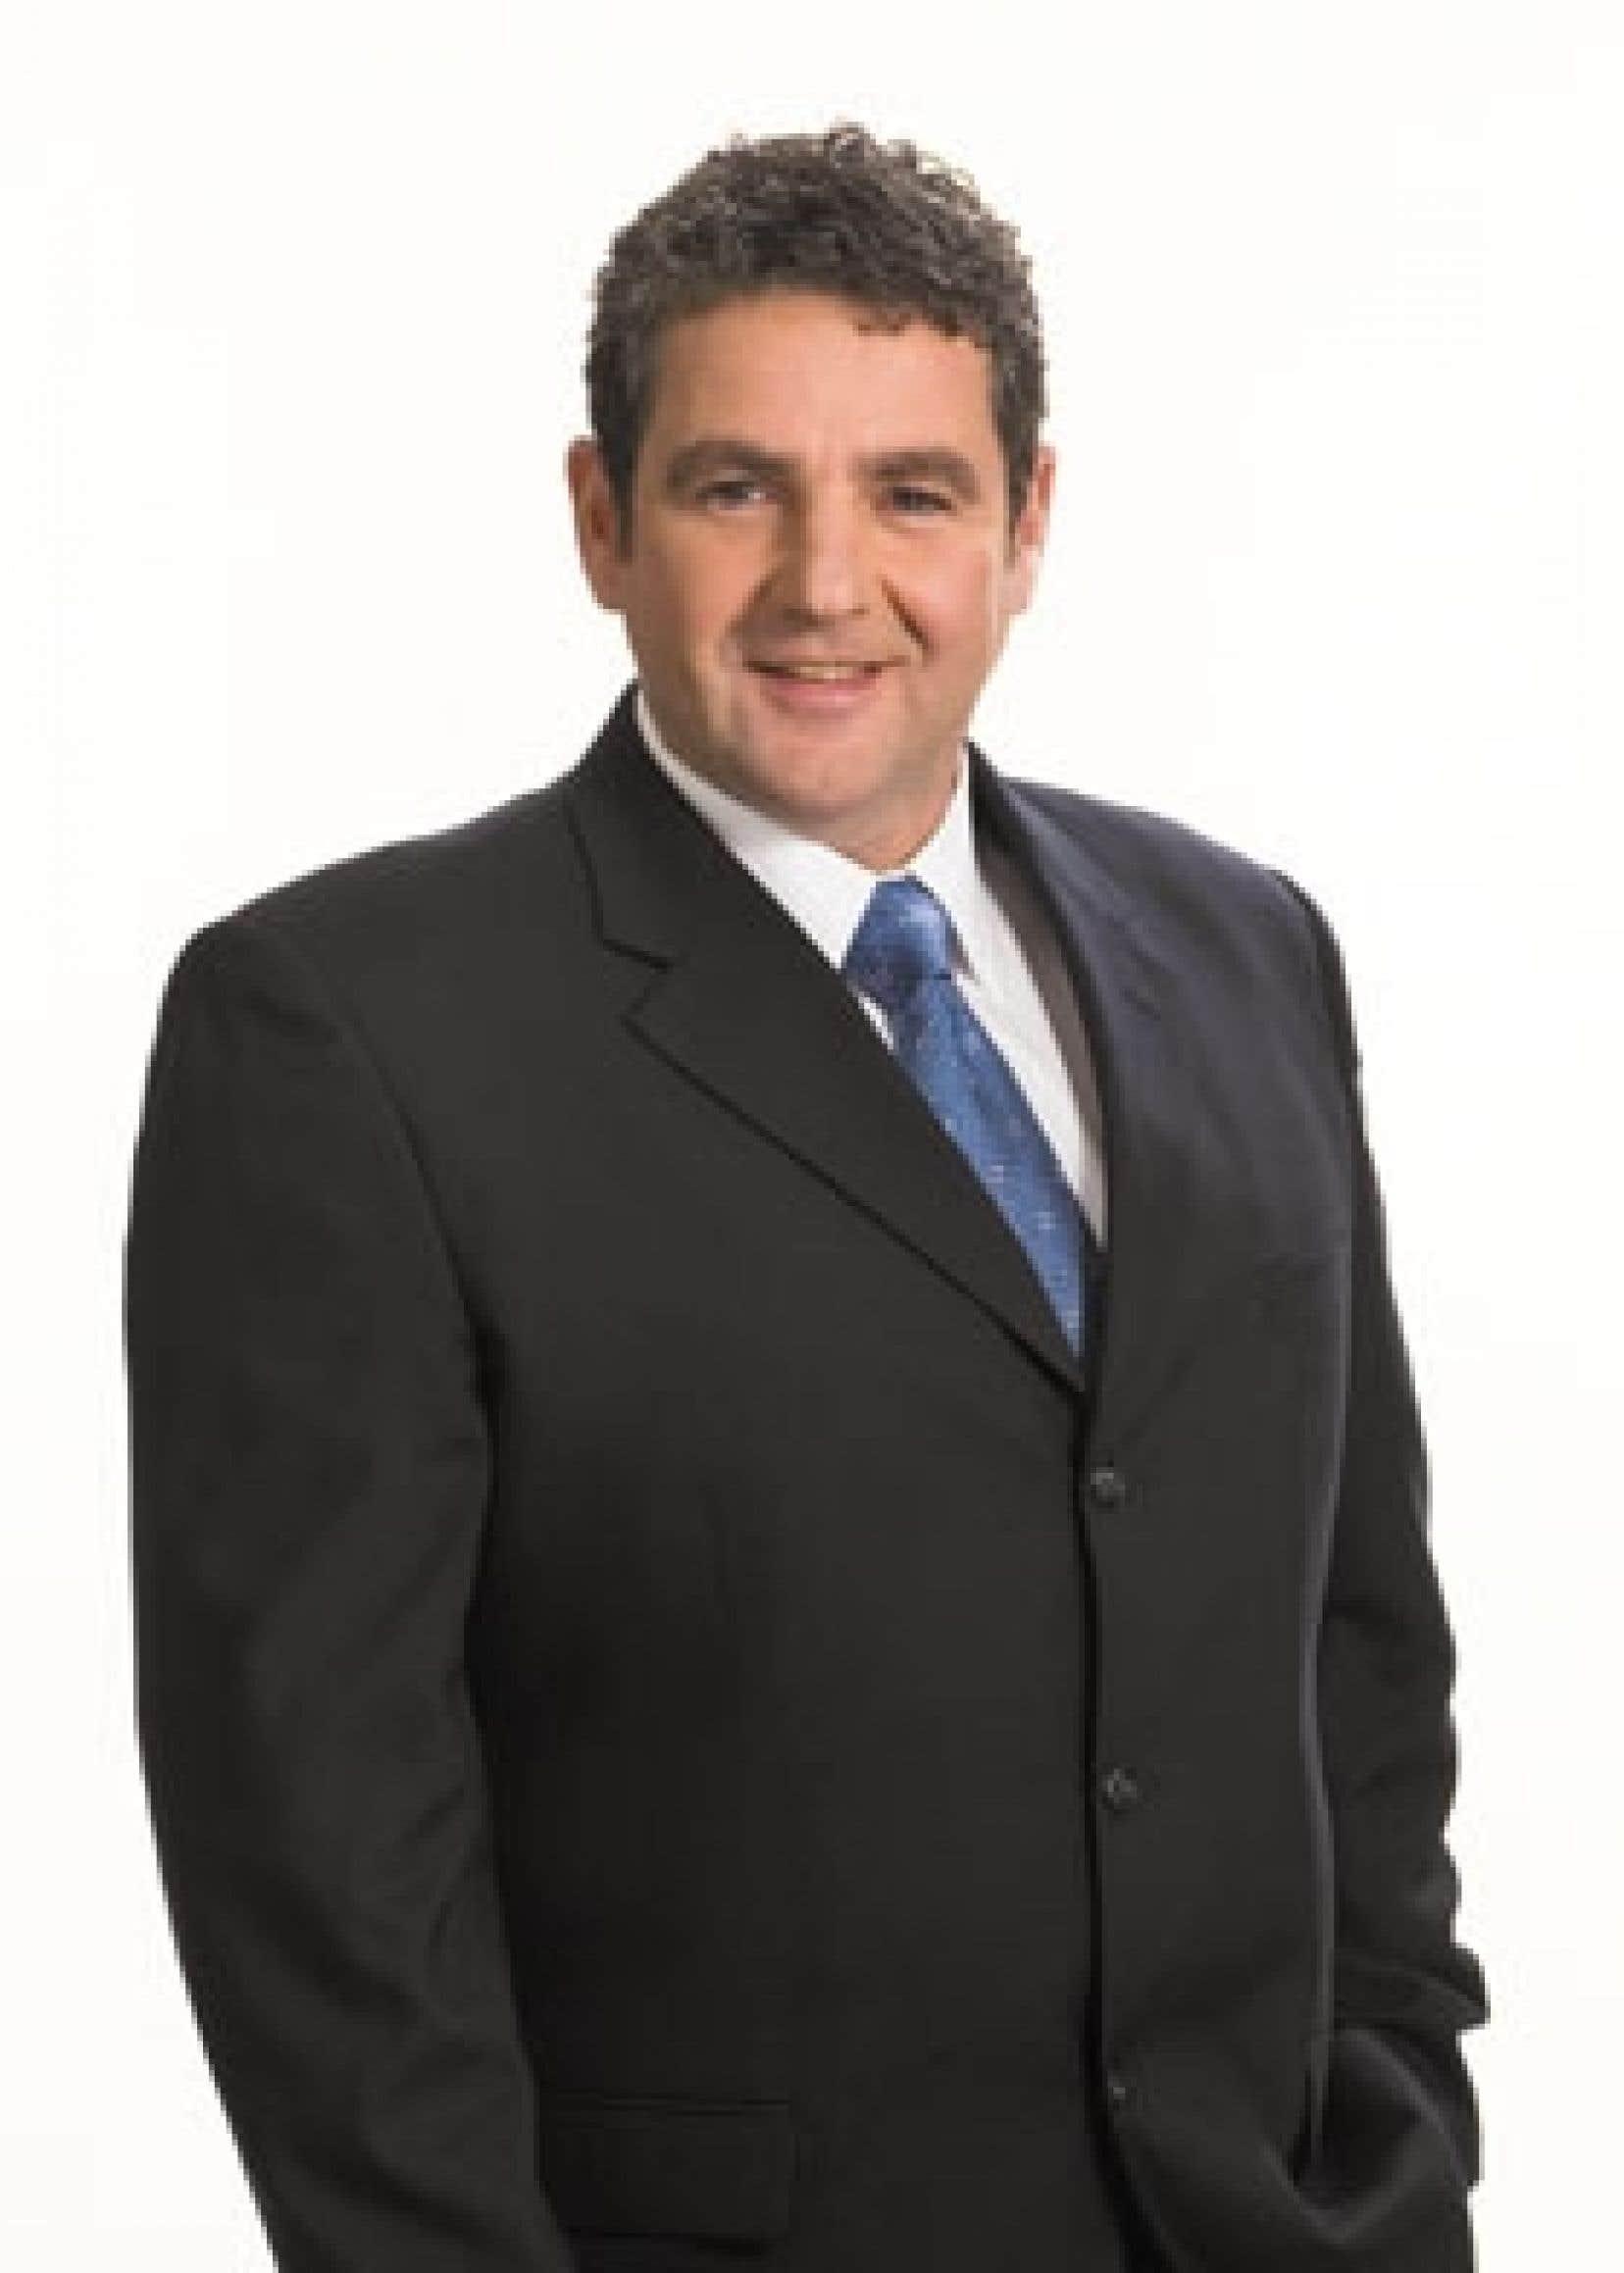 Comme plusieurs de ses nouveaux collègues, François Benjamin, un postier rural qui se double d'un ancien boucher, fera ses classes à l'Assemblée nationale lorsque Jean Charest convoquera les députés.